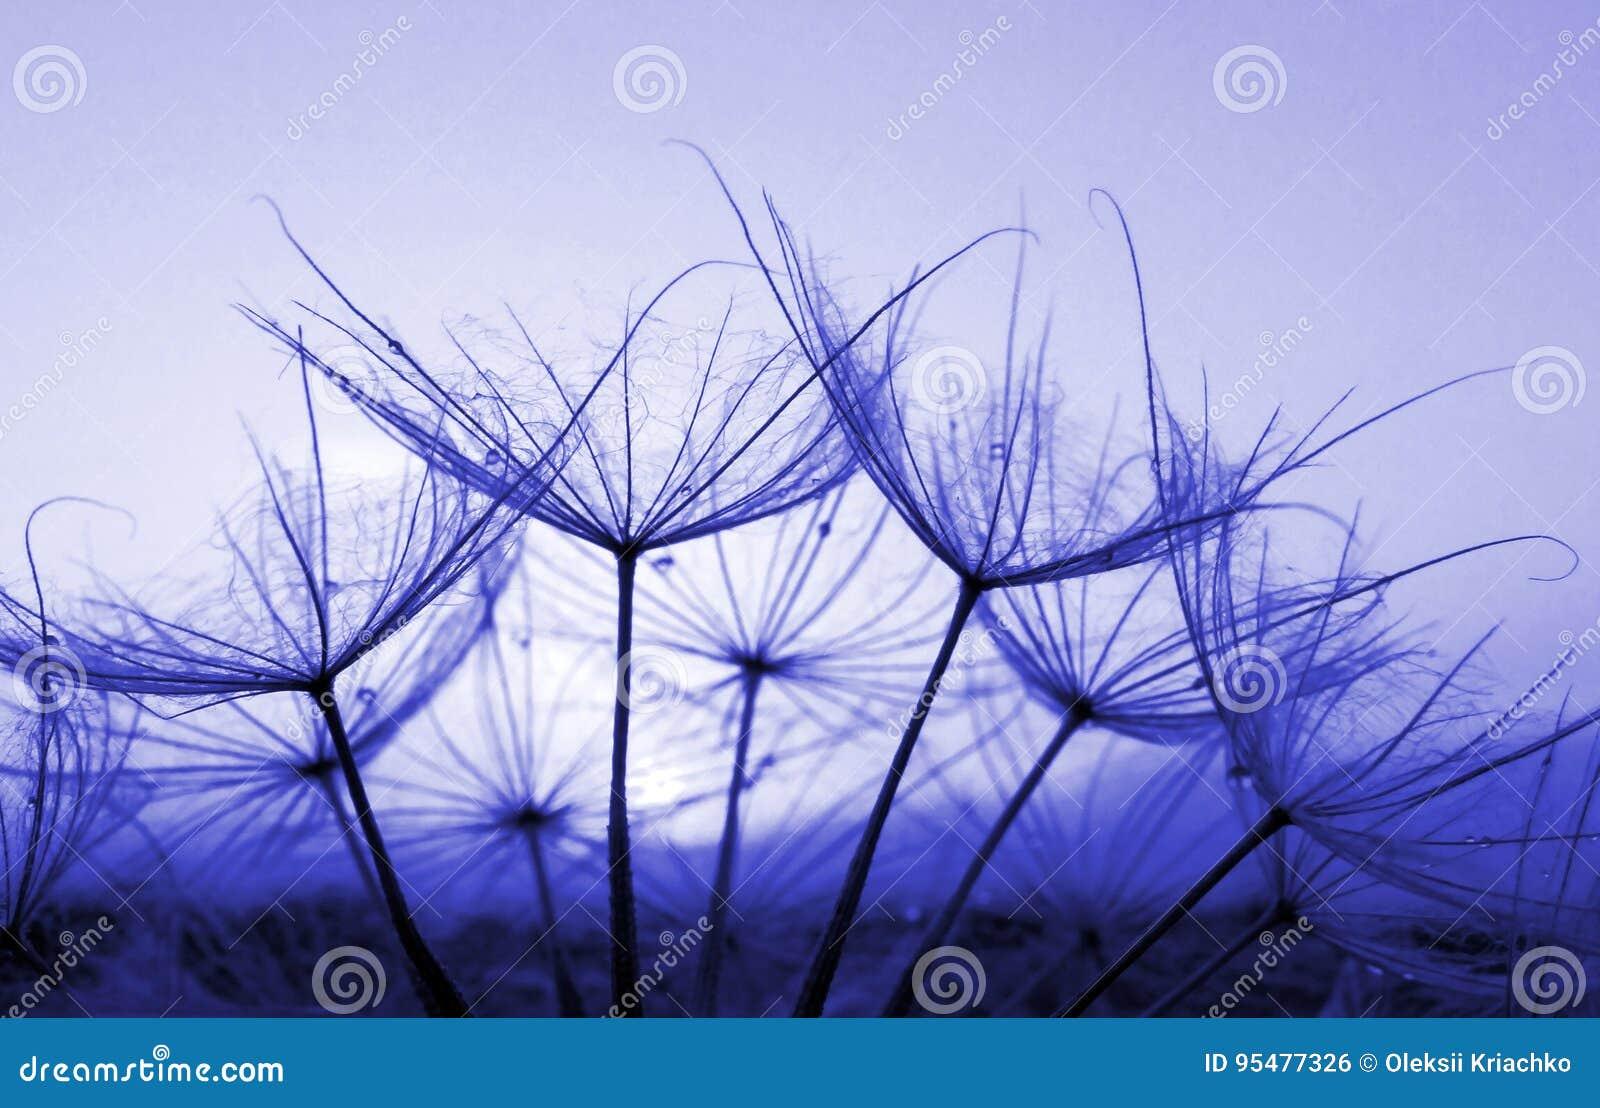 Błękitny abstrakcjonistyczny dandelion kwiatu tło, zbliżenie